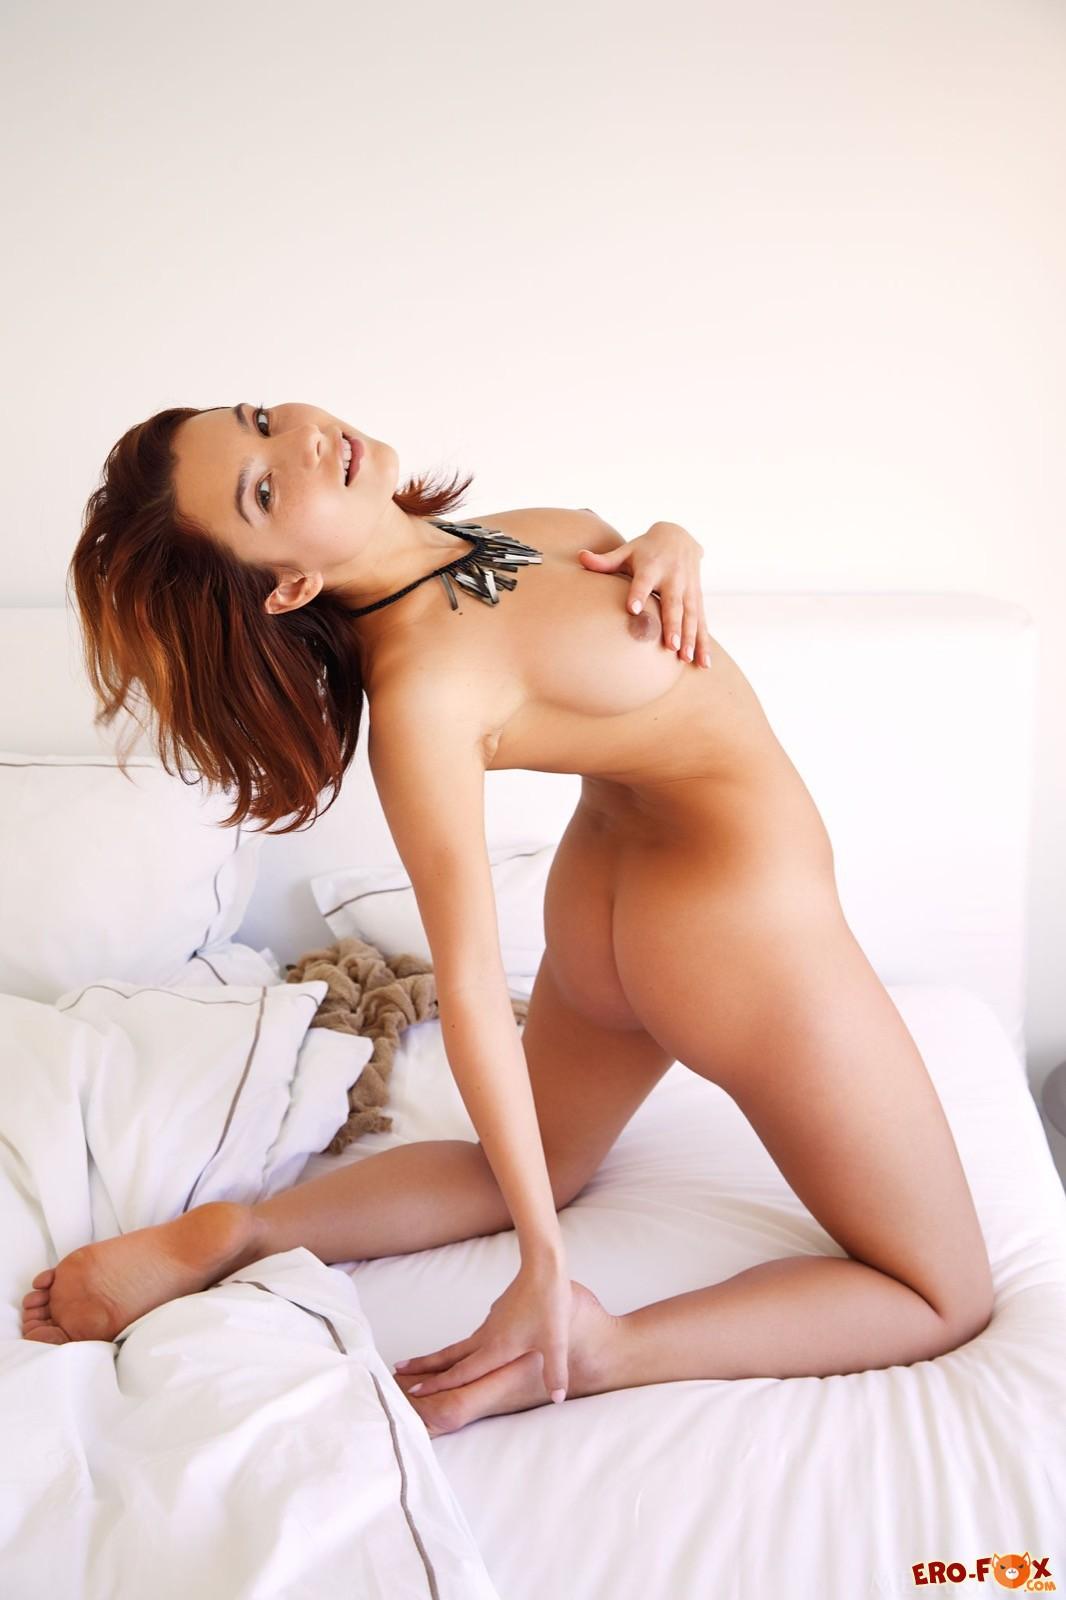 Красотка оголила упругие сиськи с торчащими сосками - фото